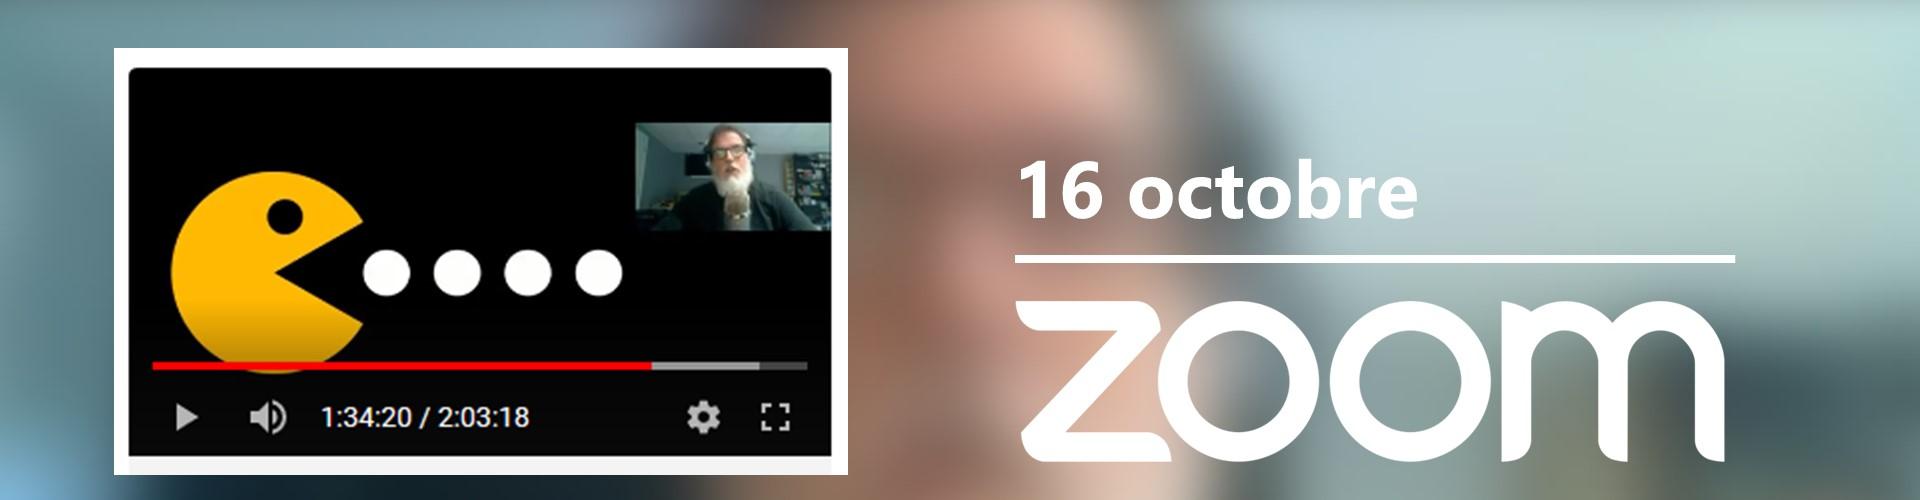 Rencontre du 16 octobre sur Zoom